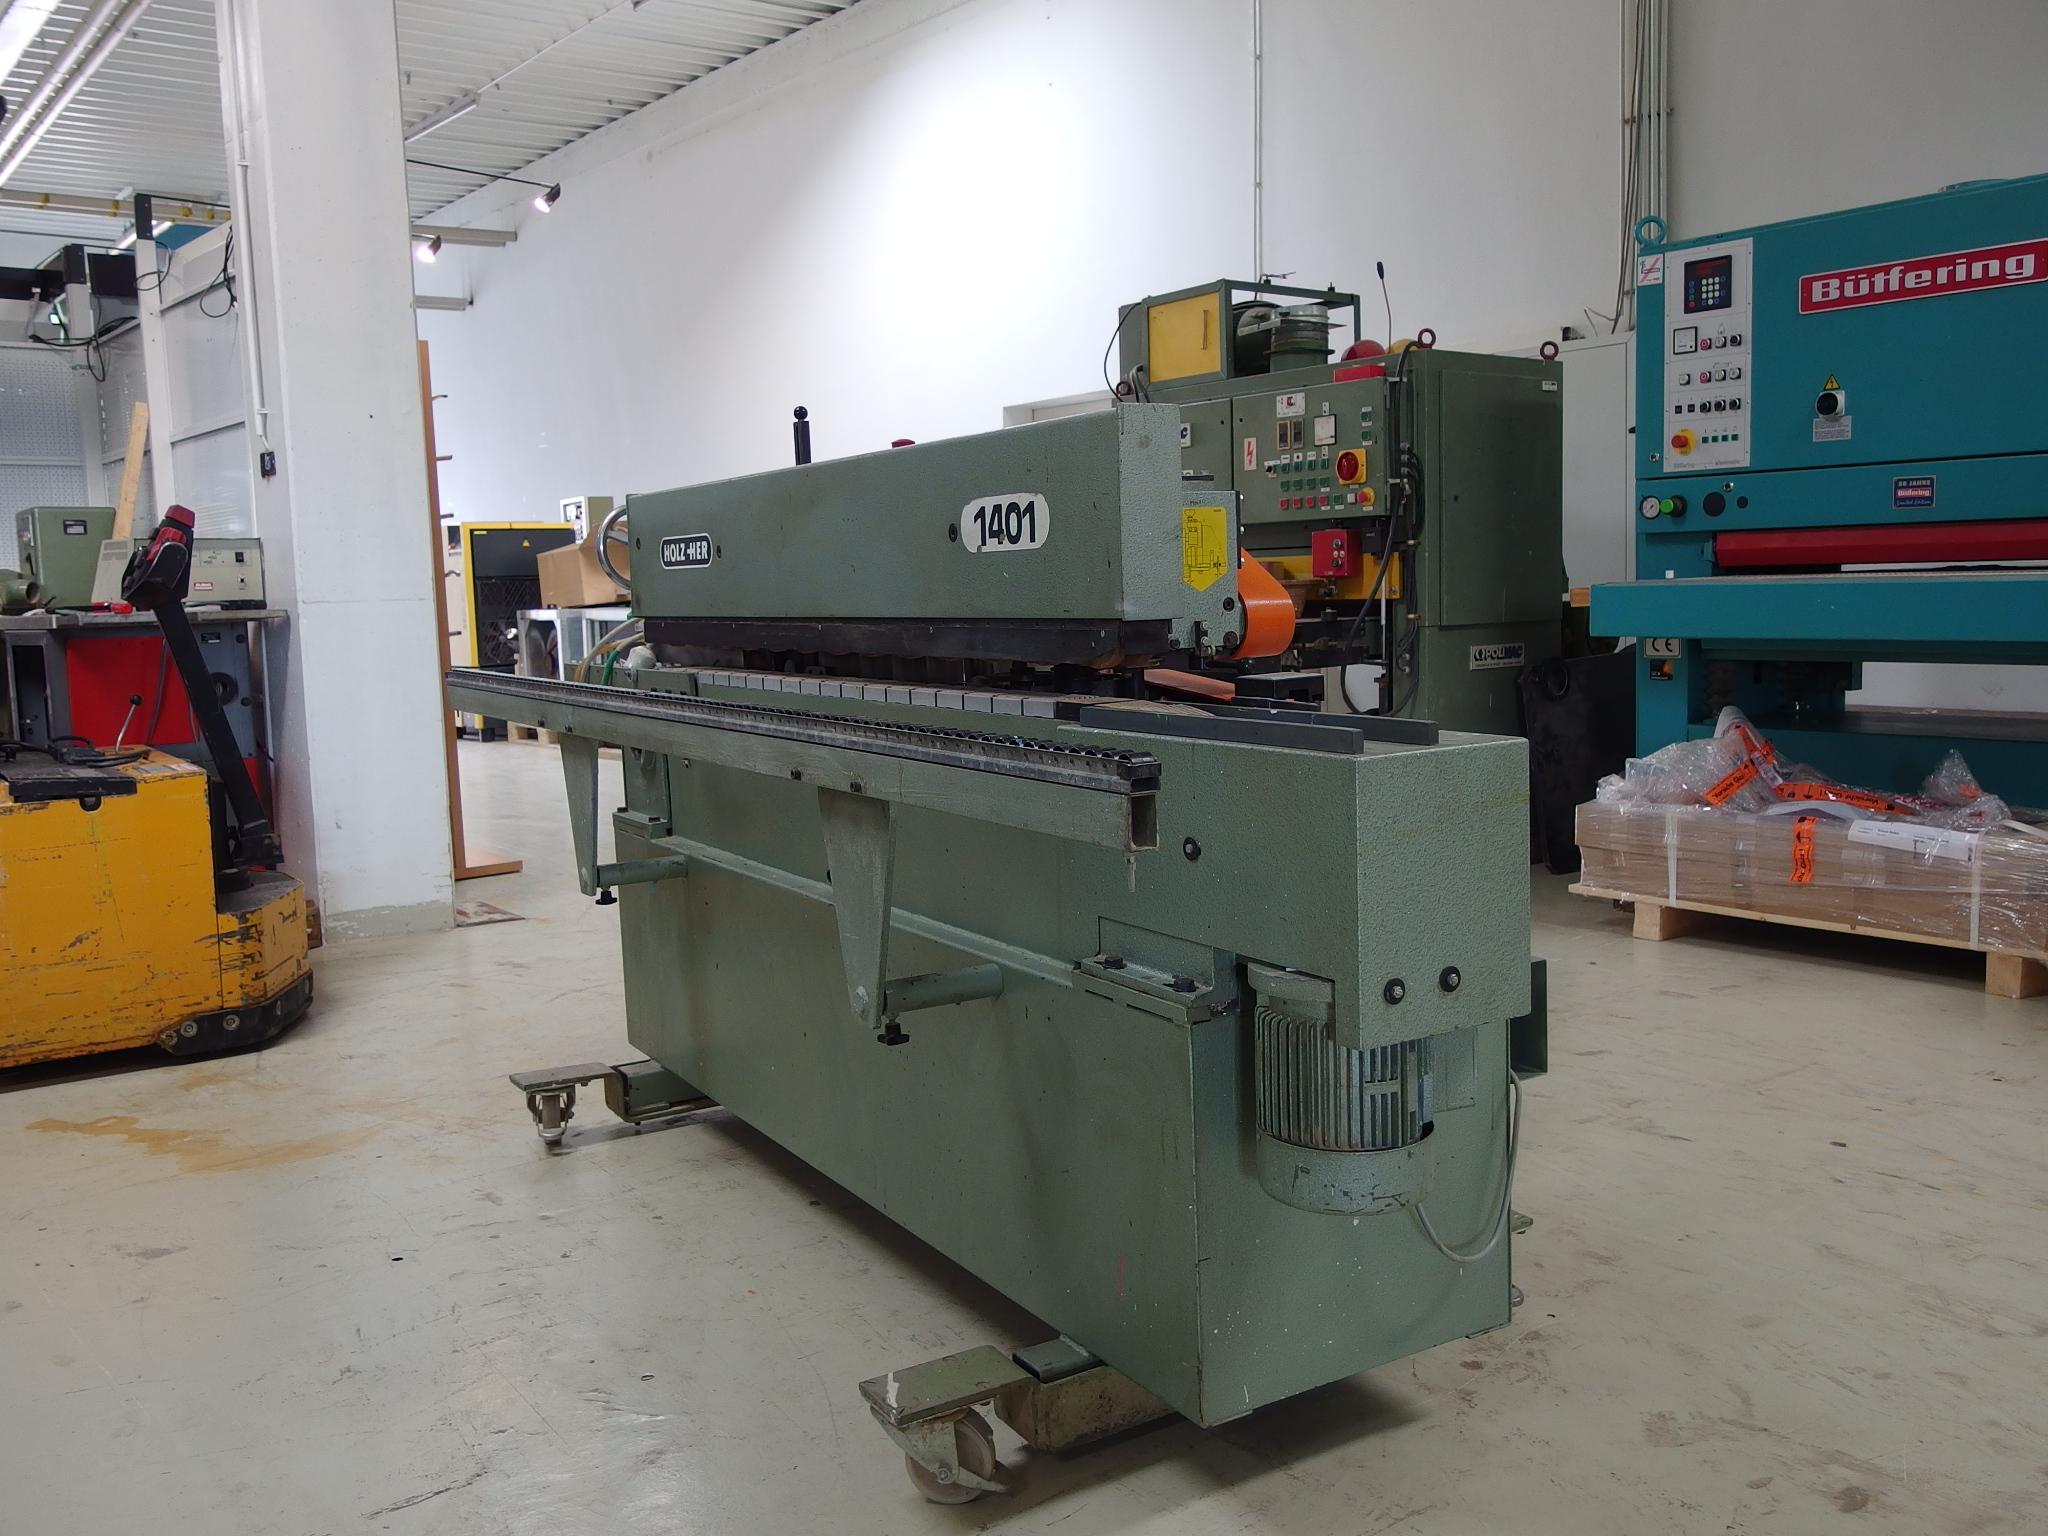 Kantenanleimmaschine Holz Her 1401 – Maschinenzentrum Schack